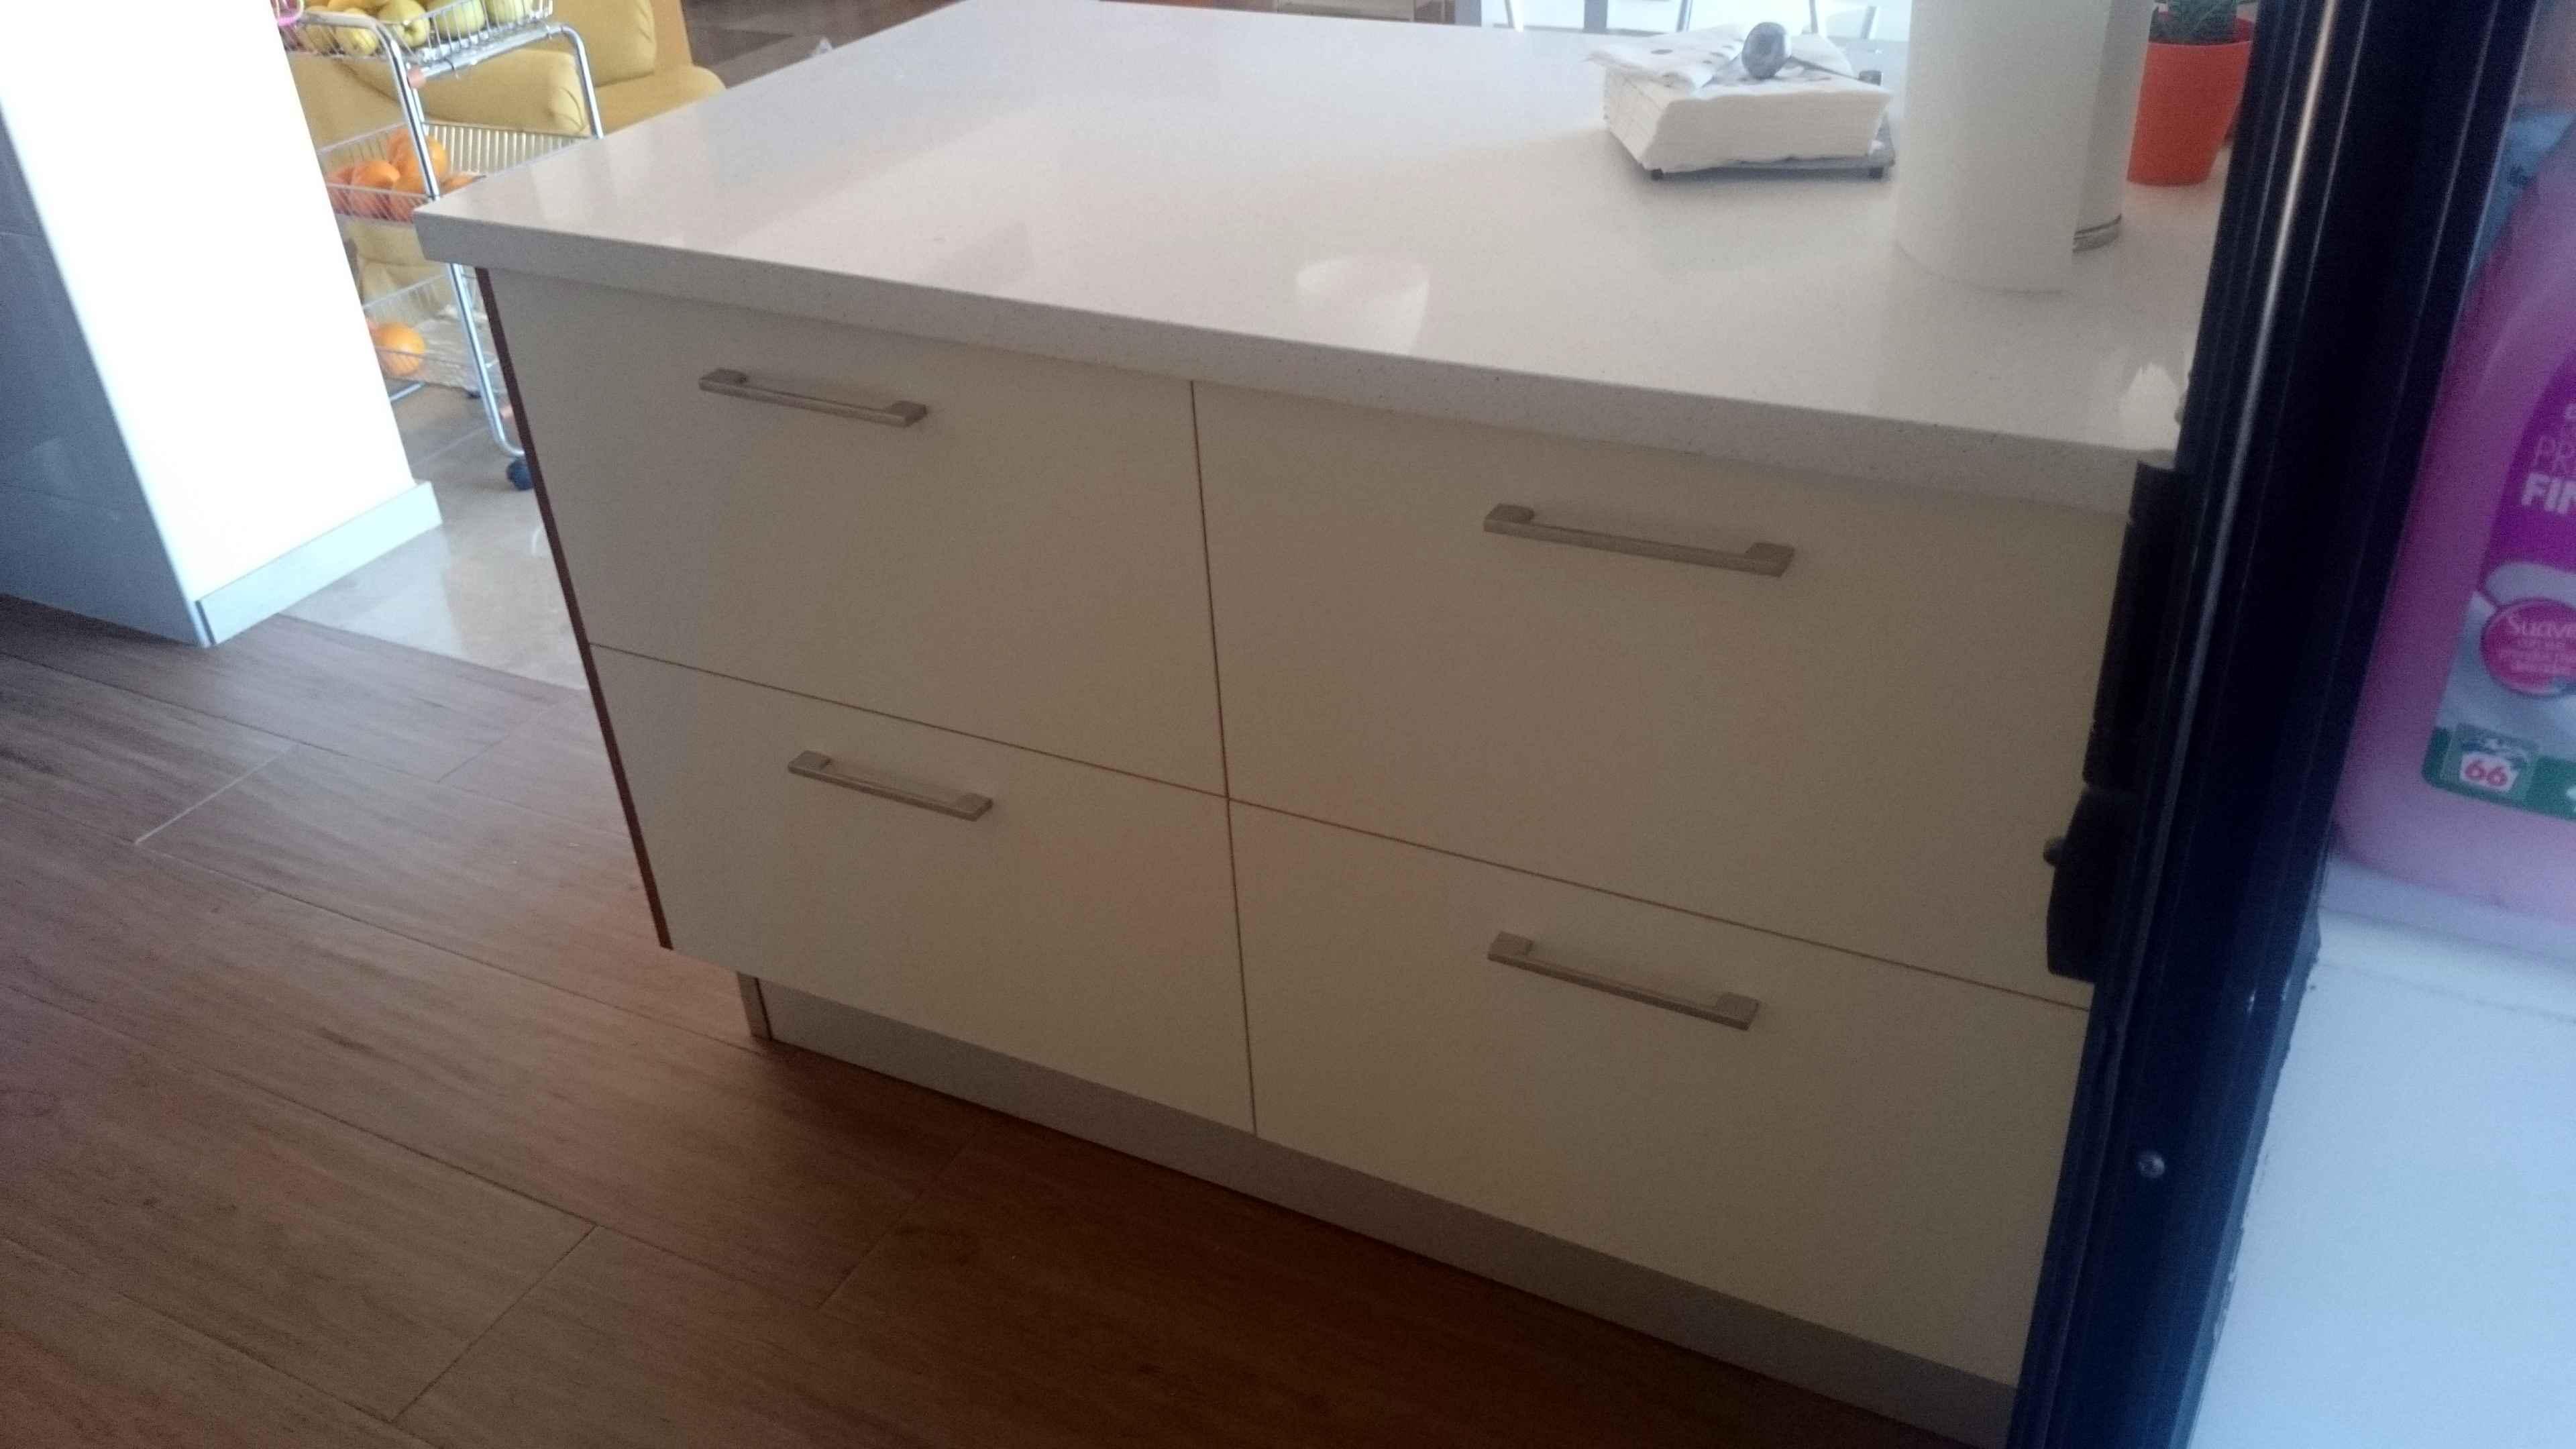 Carpinter a familia murcia ampliaci n de isla para cocina y muebles de comedor a juego - Muebles de cocina murcia ...